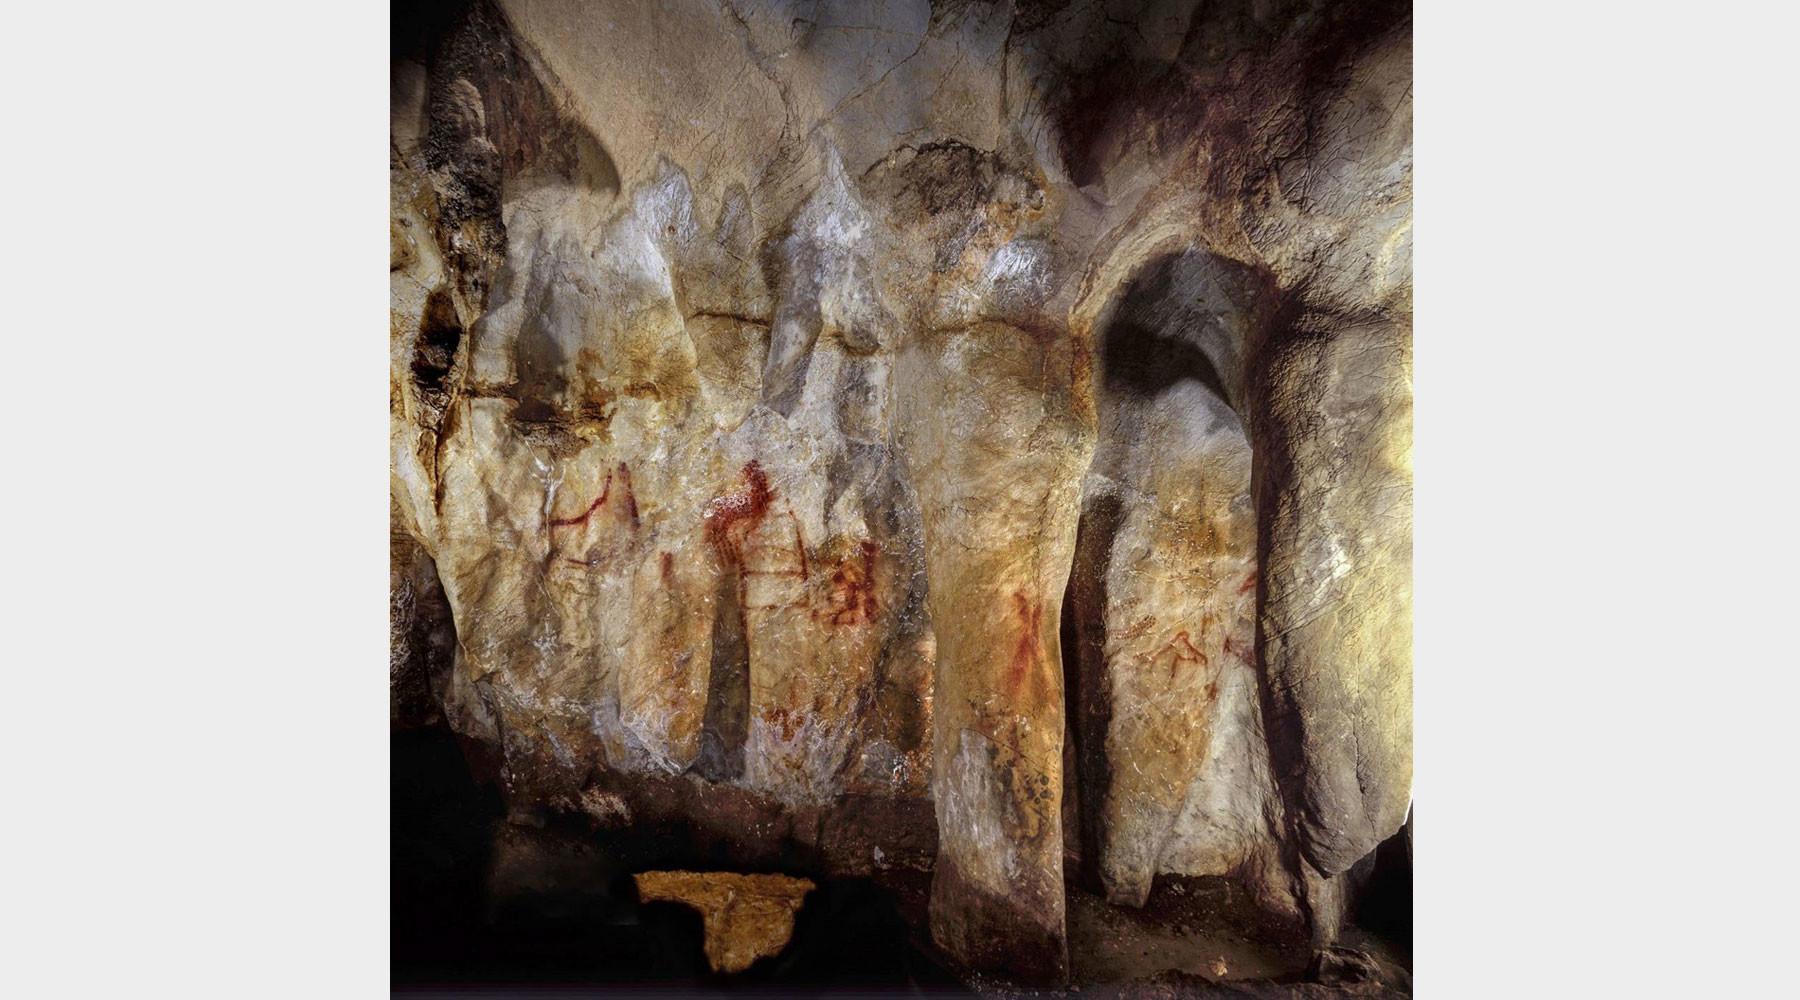 Ученые: неандертальцы были первыми художниками наЗемле